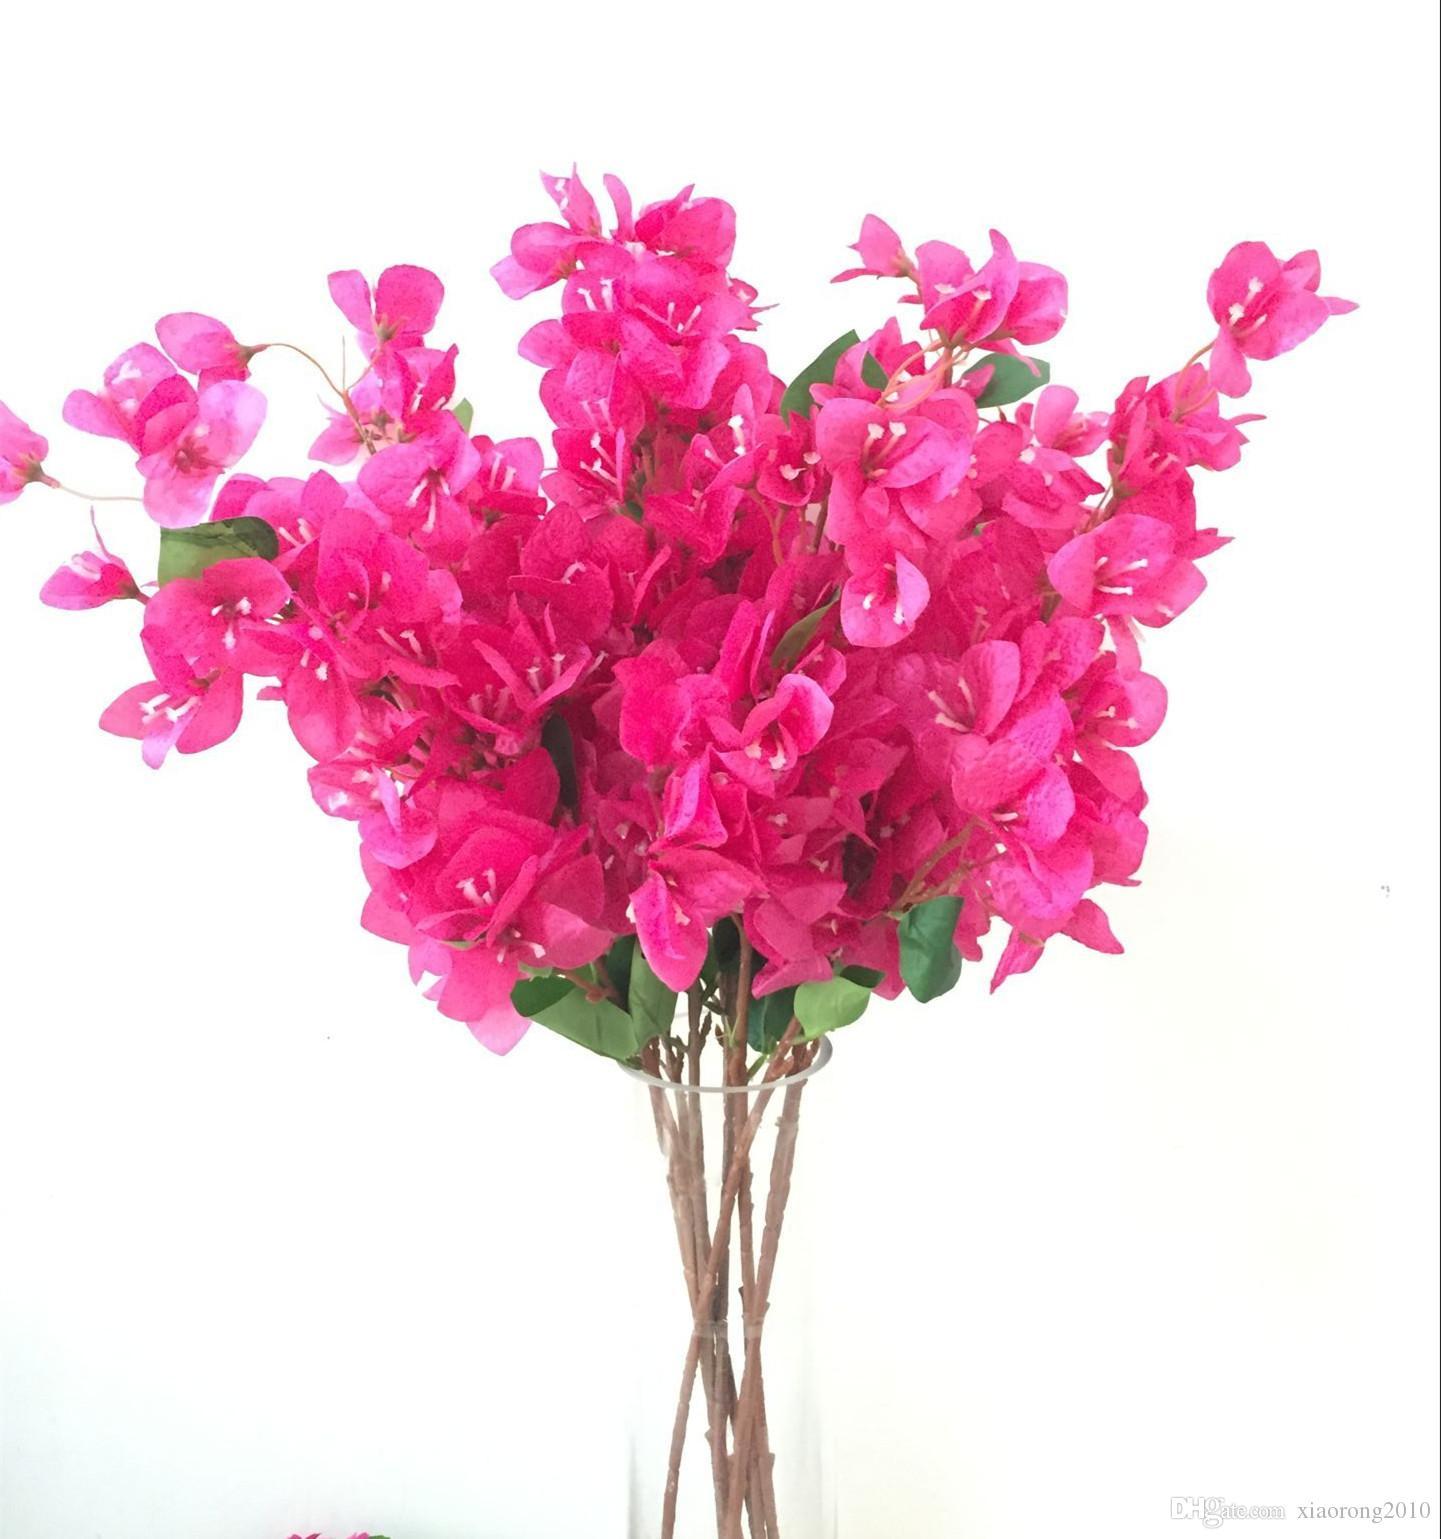 один шелковый Бугенвиль голого Искусственная Напольного поддельного Бугенвиль spectabilis горячих розовое для свадебного Centerpieces Декоративных цветов